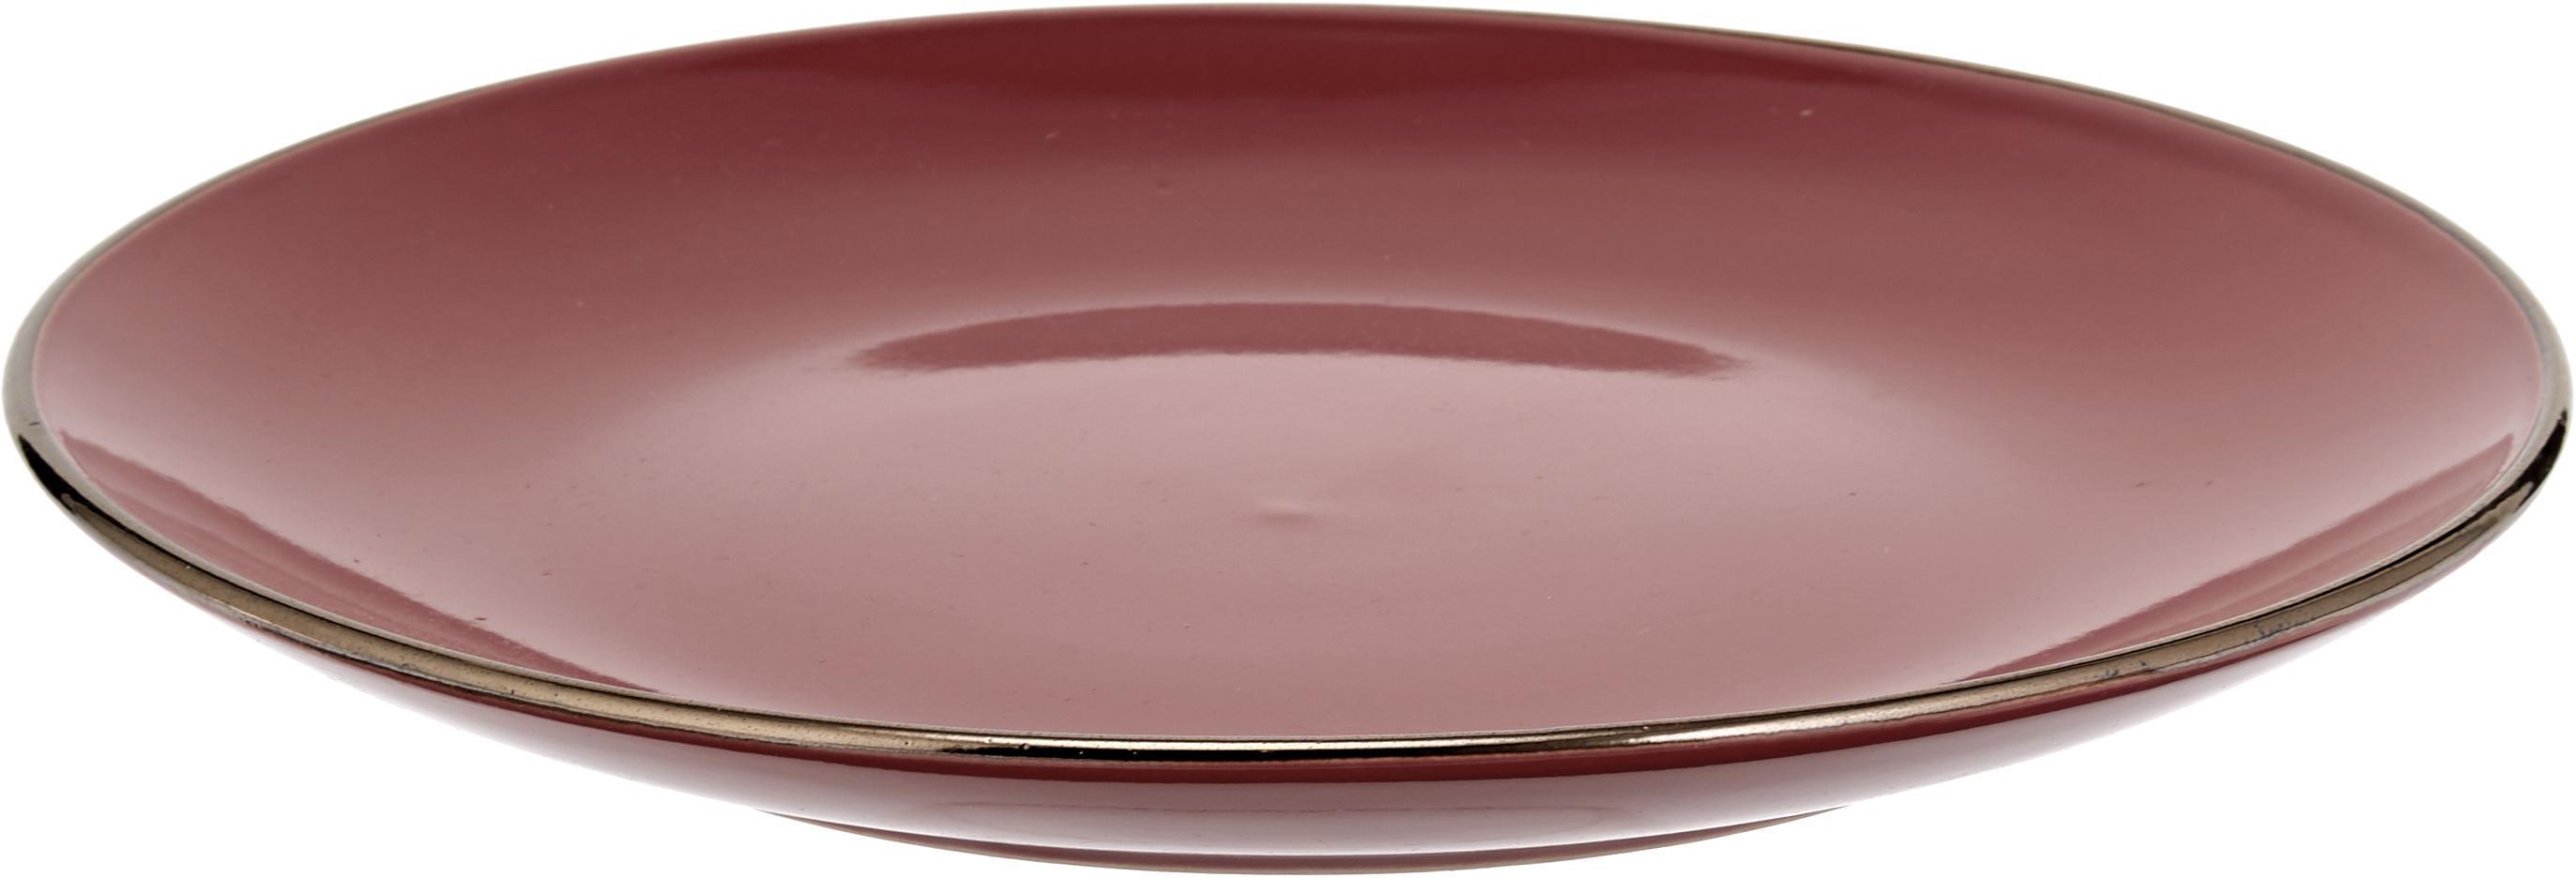 Service de table Royal Passion, 6personnes (18élém.), Bordeaux, pourpre, gris-bleu, rose, gris clair, gris foncé